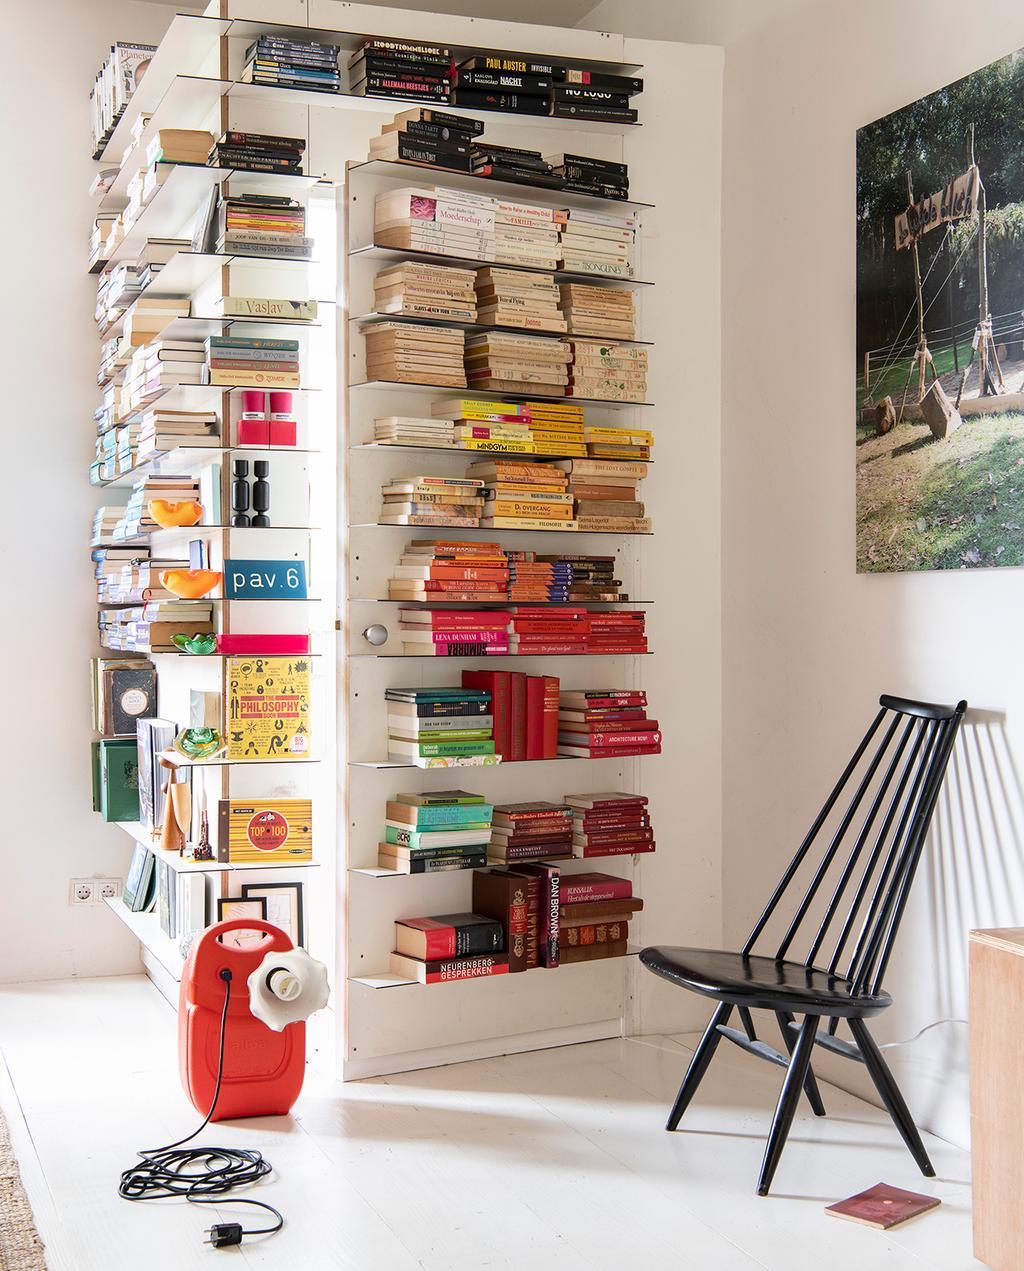 vtwonen 2020 DIY special 02 | zithoek met kleurrijke boekenkast I binnenkijken klushuis